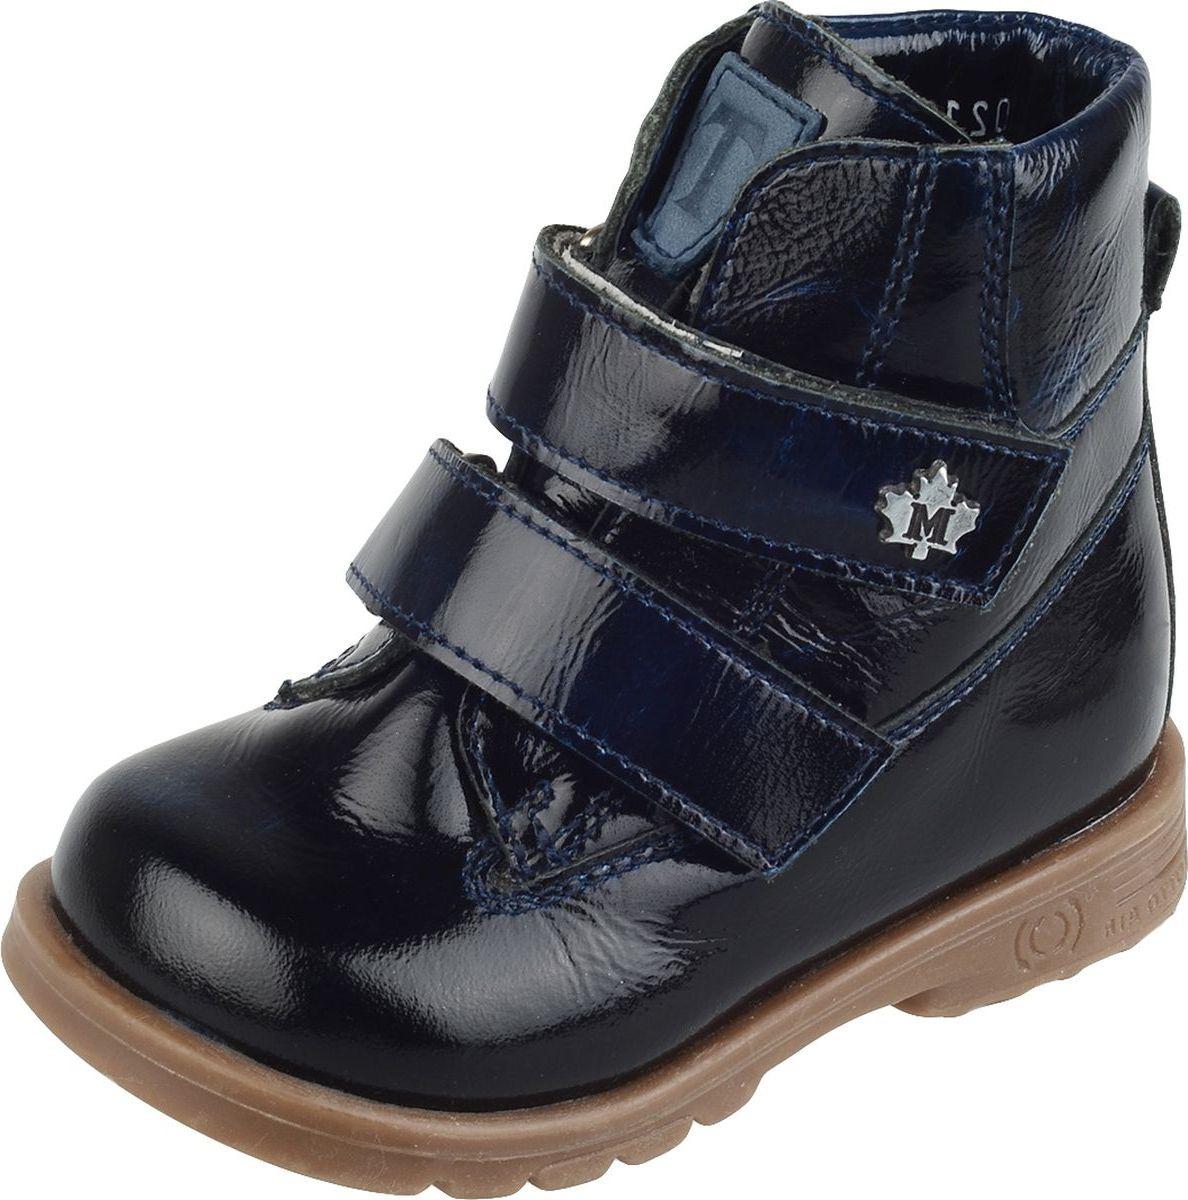 Ботинки для мальчика Тотто, цвет: синий. 126-БП. Размер 24126-БП